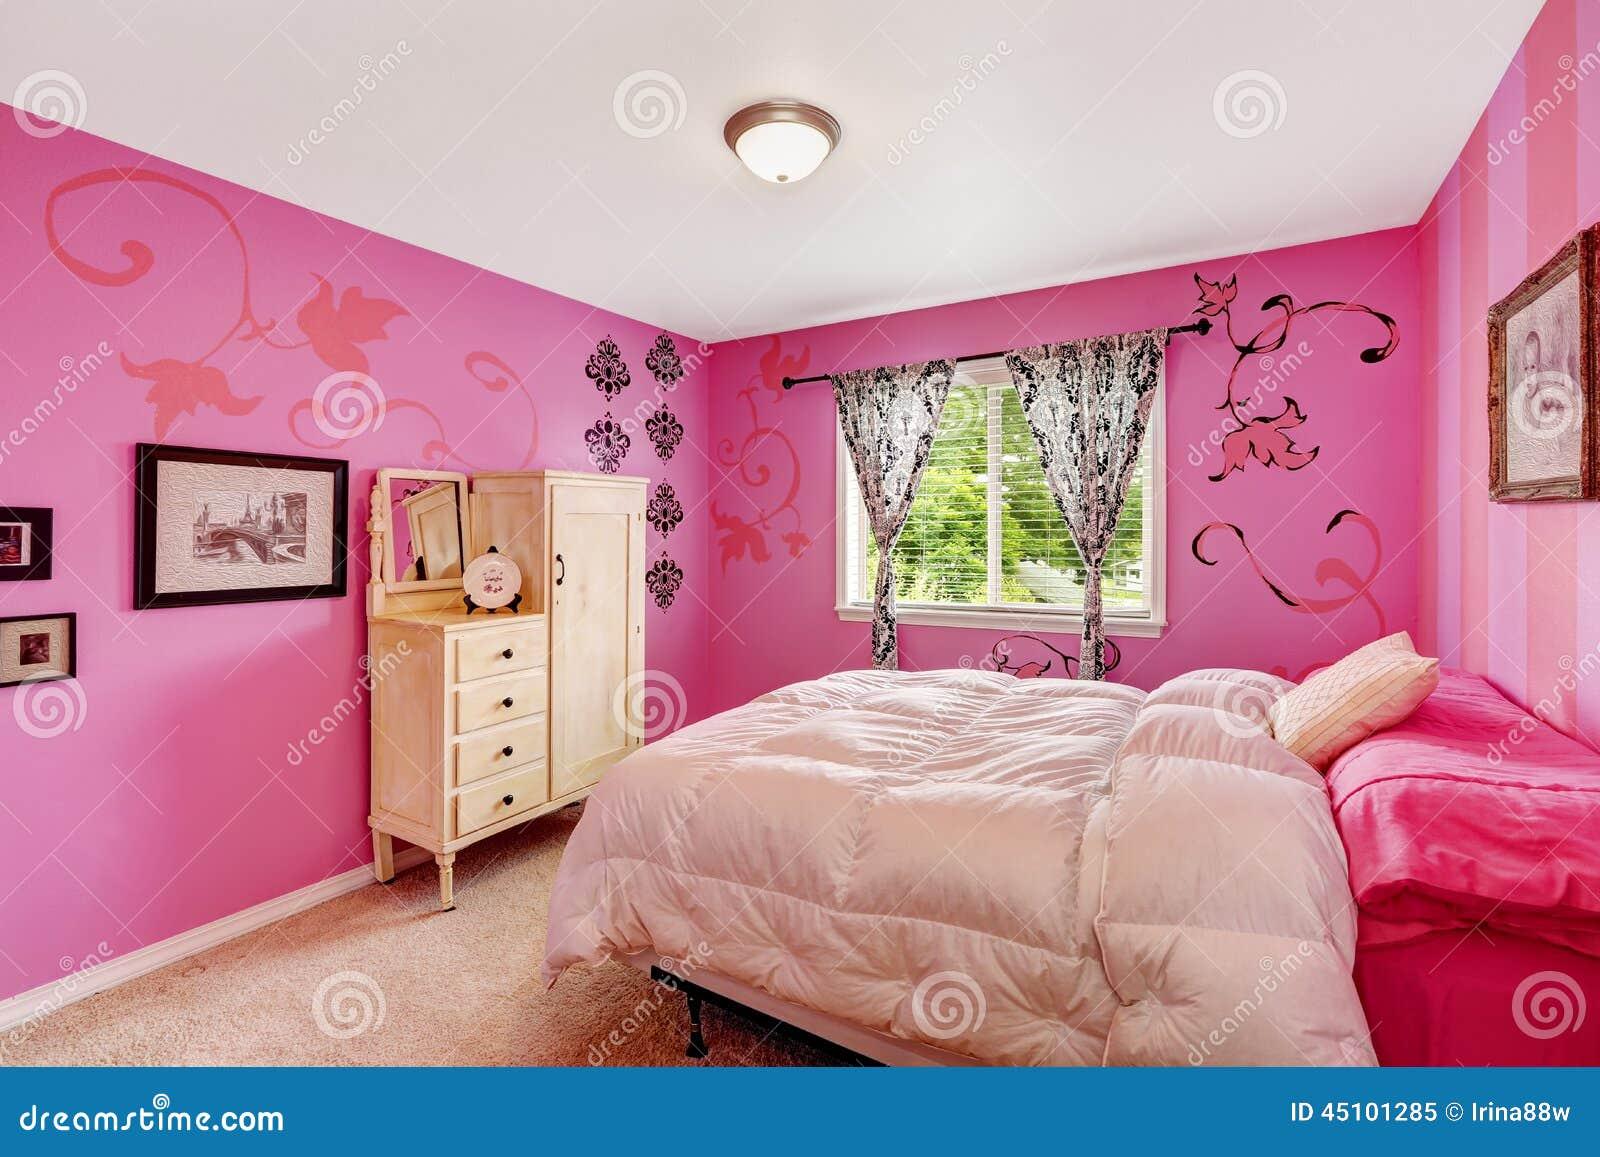 Stanza Da Letto Rosa : Interno della camera da letto della ragazza nel colore rosa luminoso